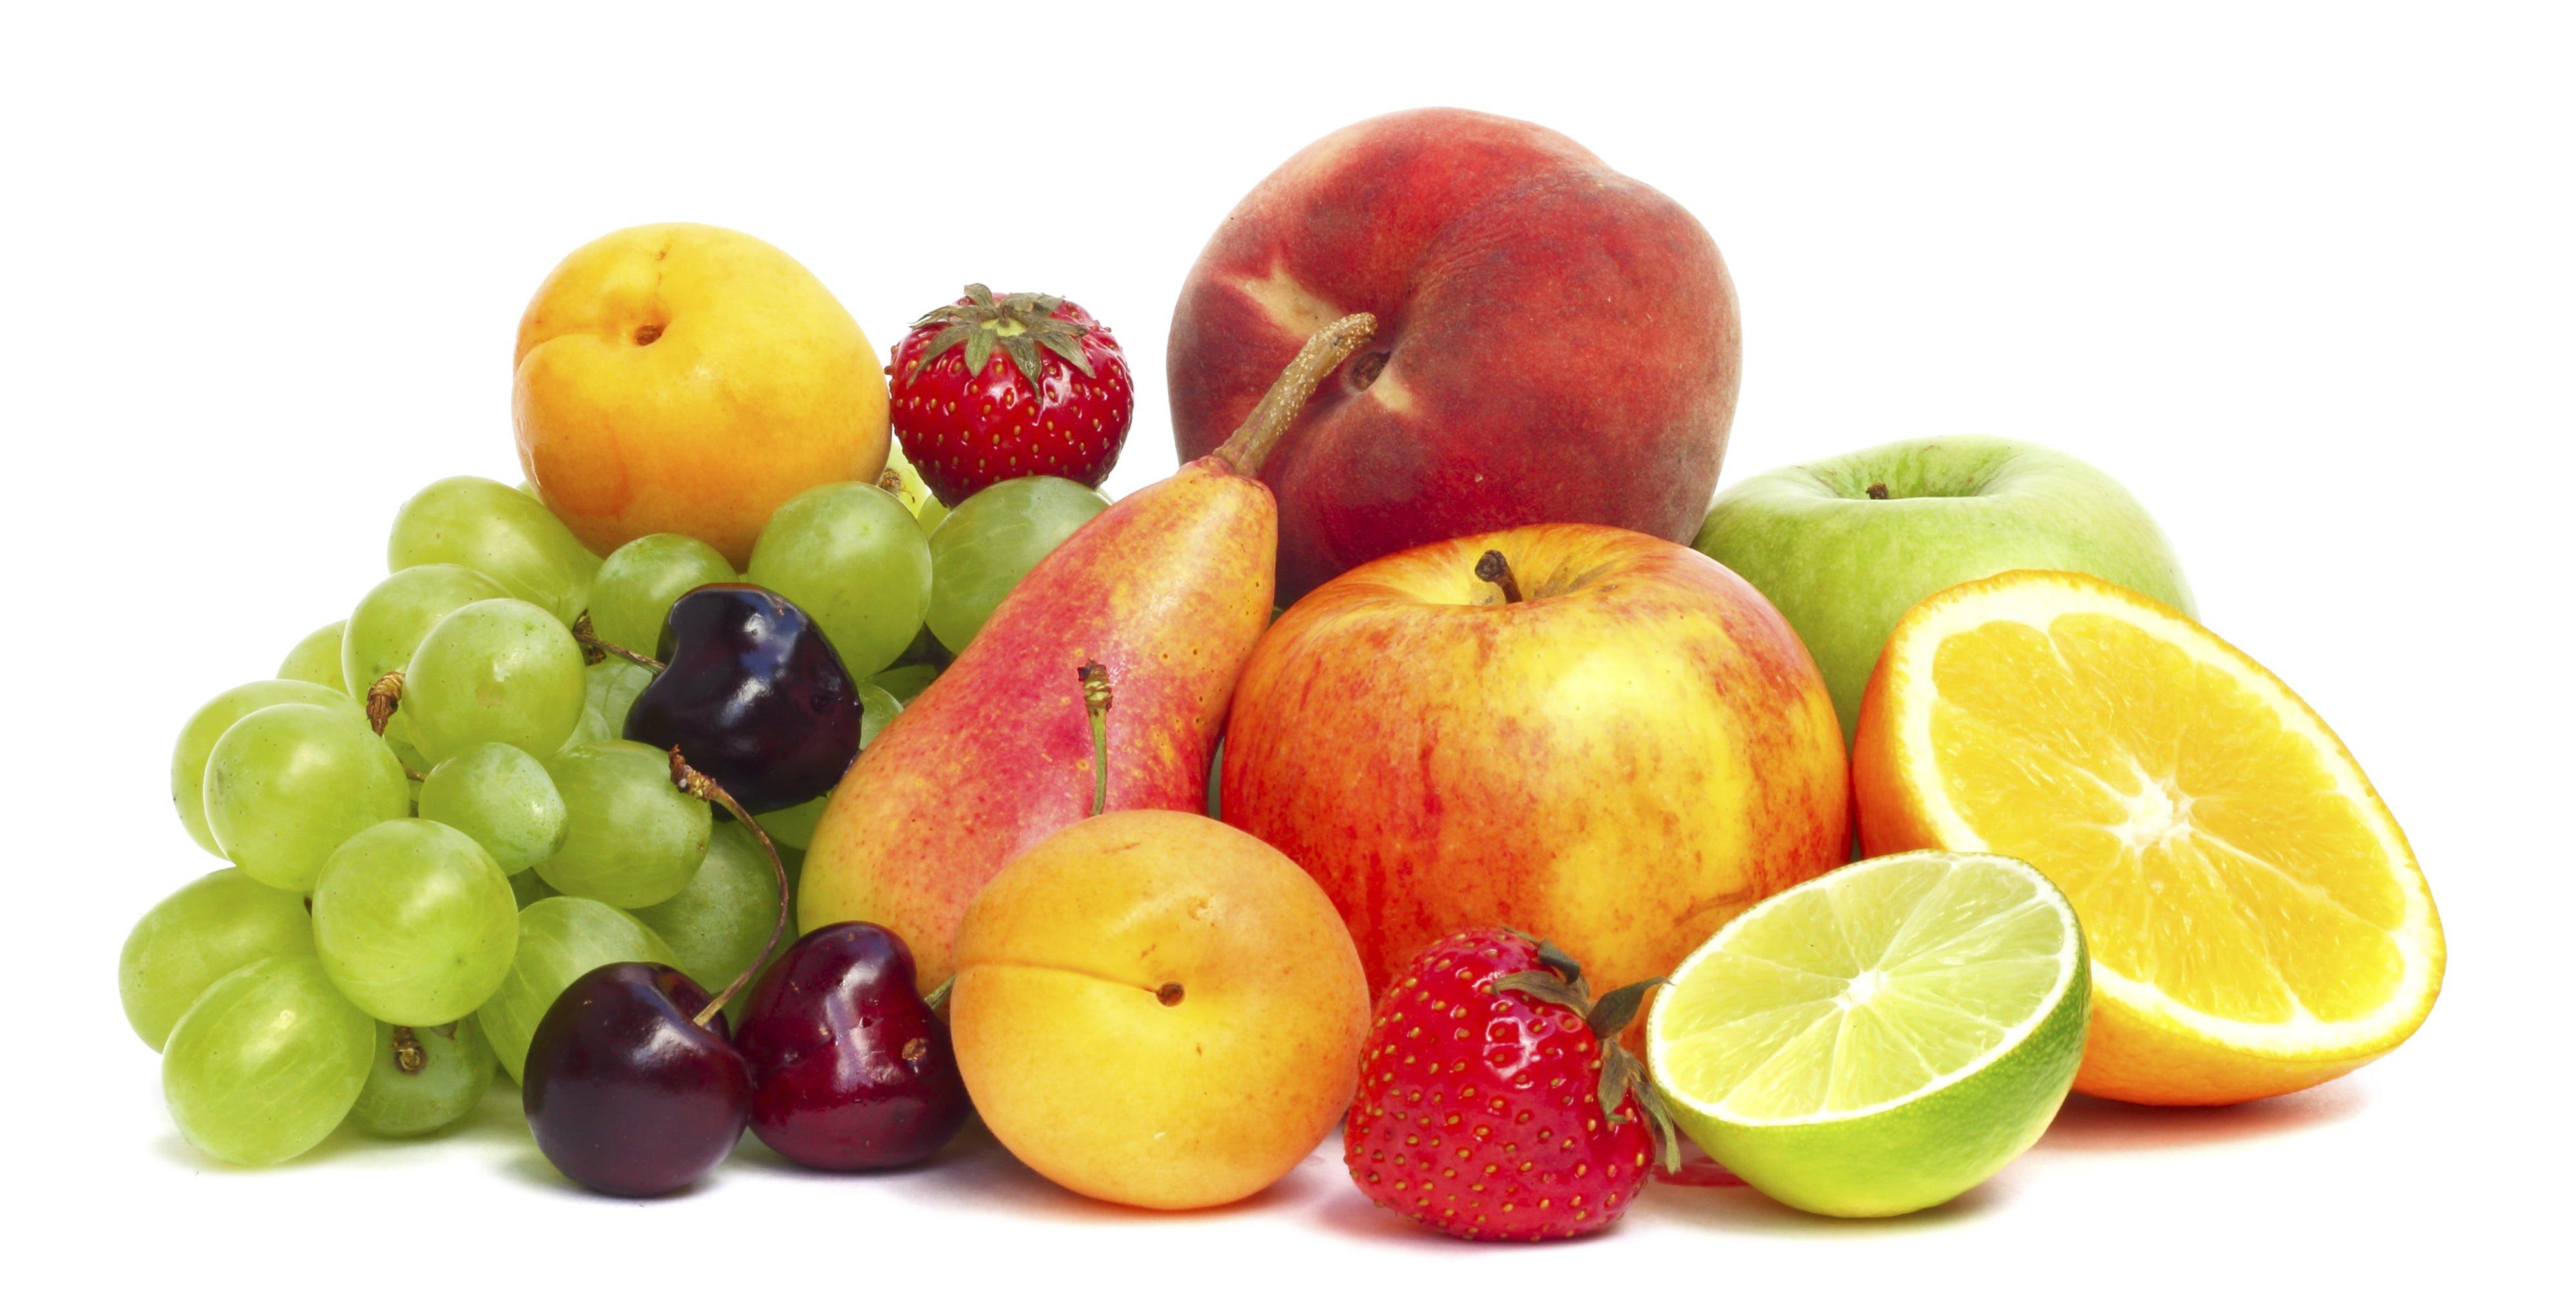 رژیم میوه خواری 3 روزه برای لاغری چیست